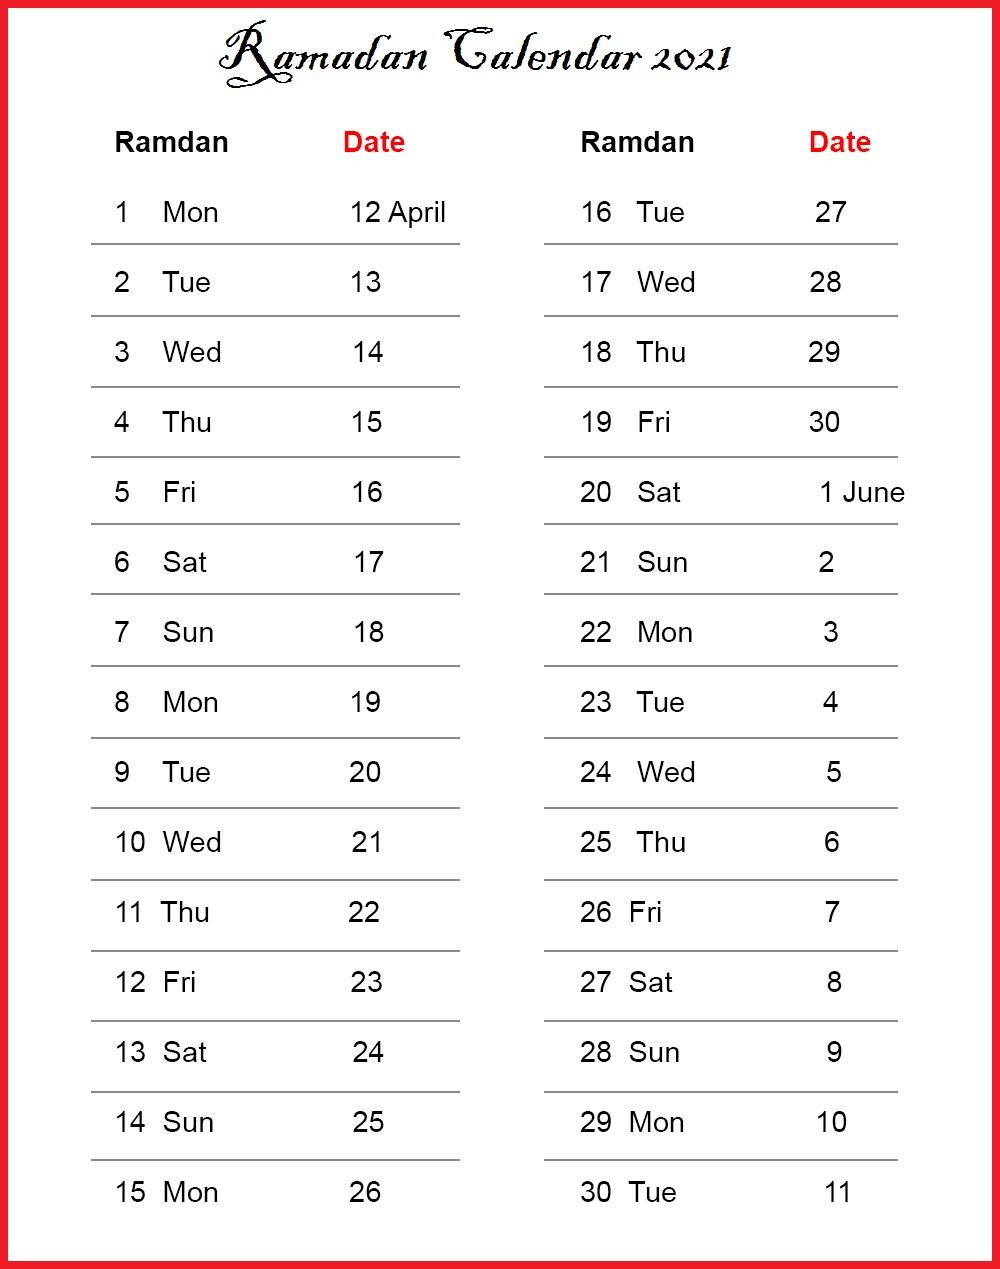 Ramadan Calendar 2022.Printable 2021 Ramadan Calendar With Prayer Times Ramzan 1442 Calendar Dream